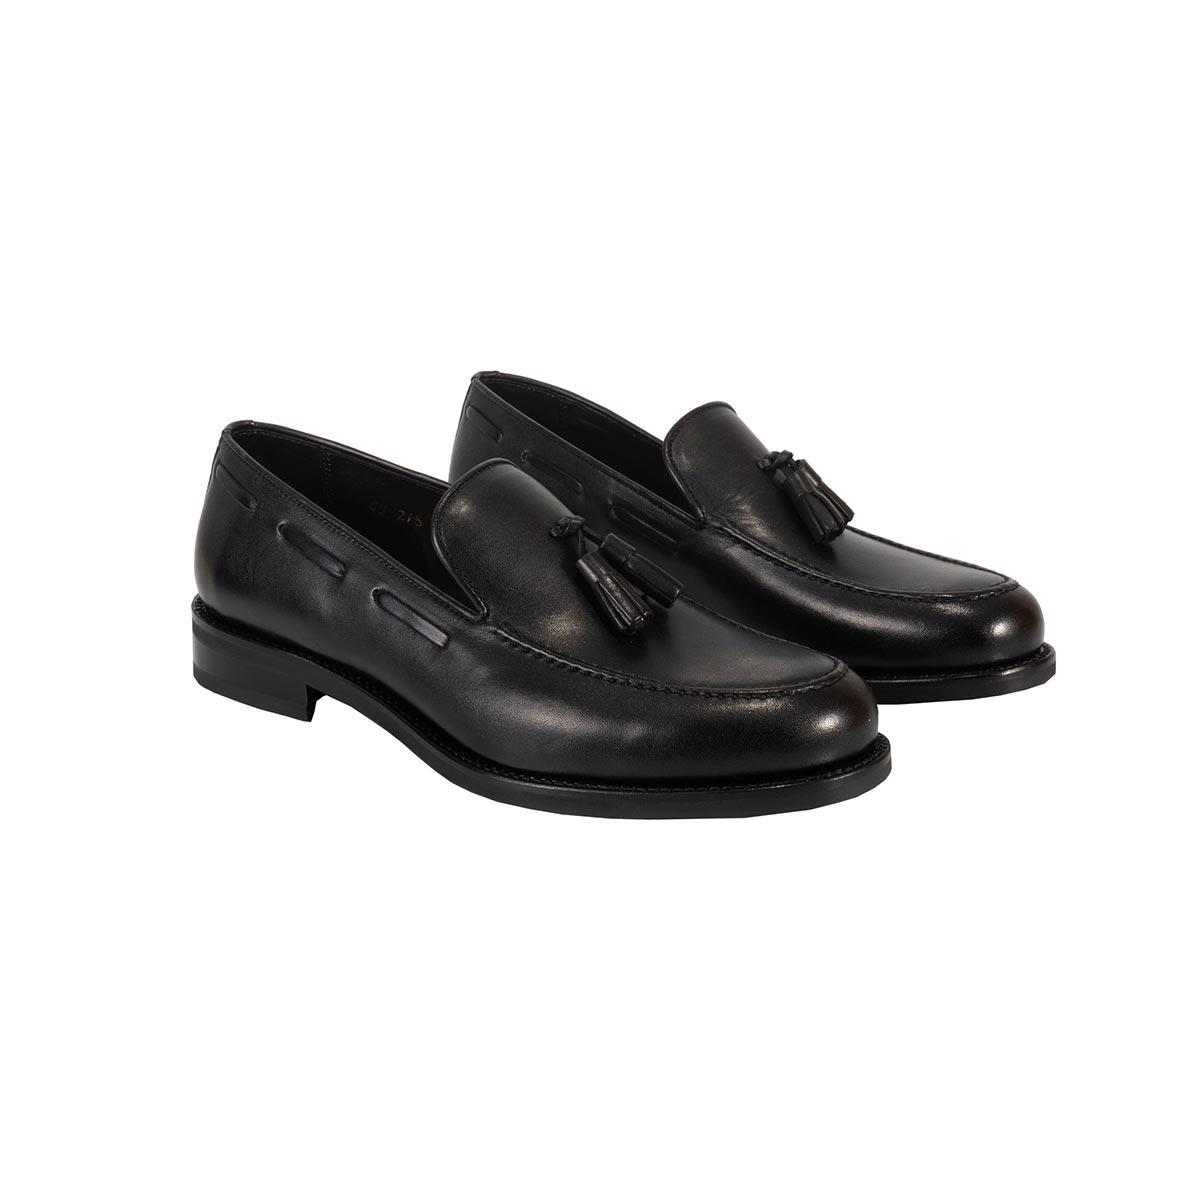 097-zapato-composition